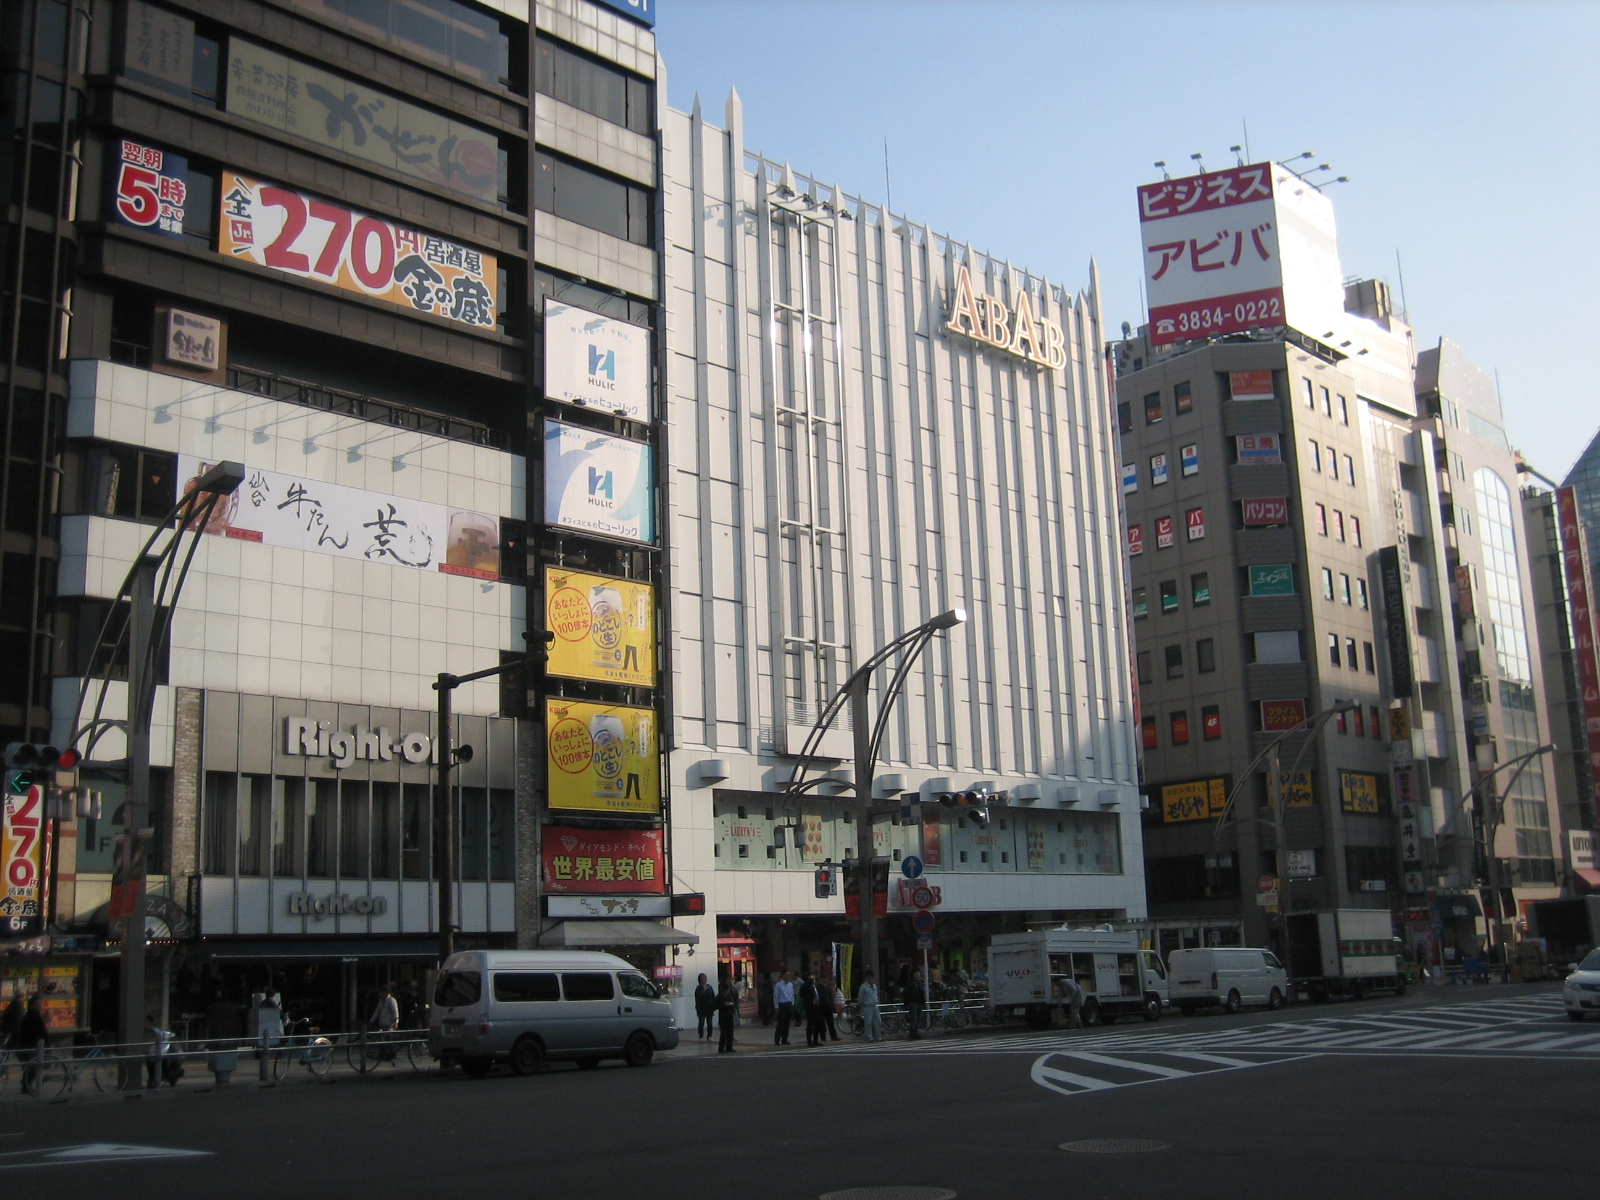 Leonardo旅遊小記: 日本(2011/11/30)二 上野 阿美橫町 掰